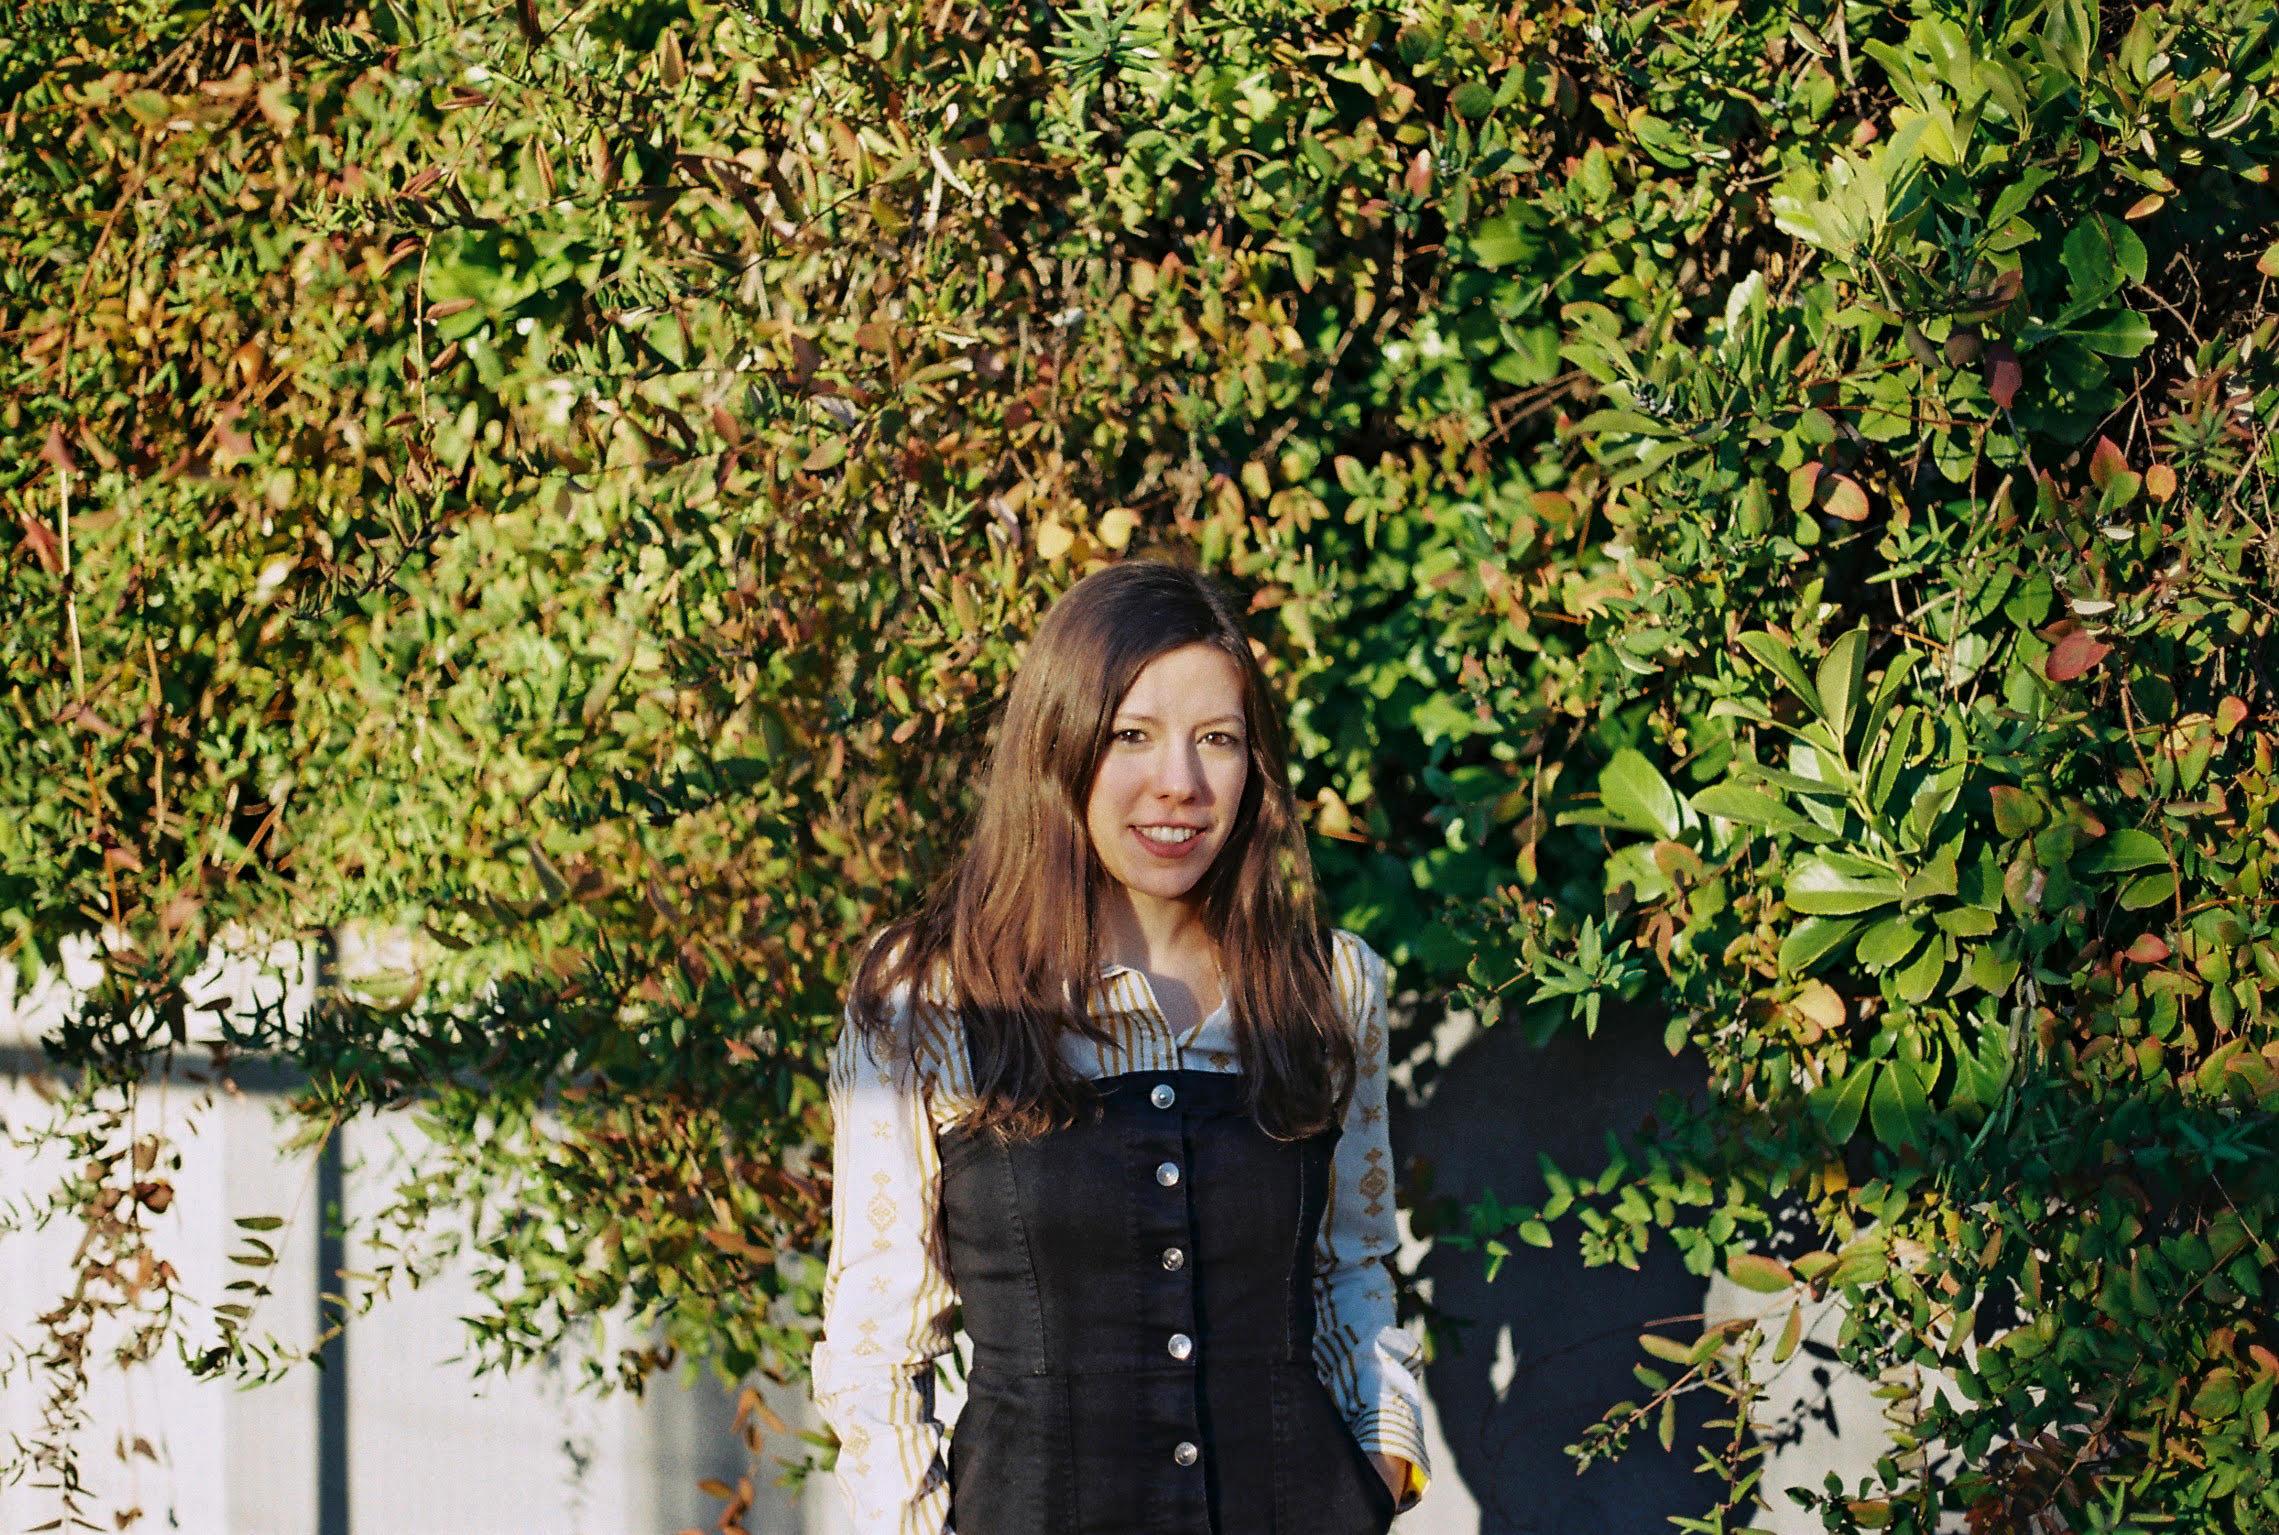 13 preguntas y una poeta, Emily Roberts: «Creo que es importante reivindicar el papel transformador de la poesía»